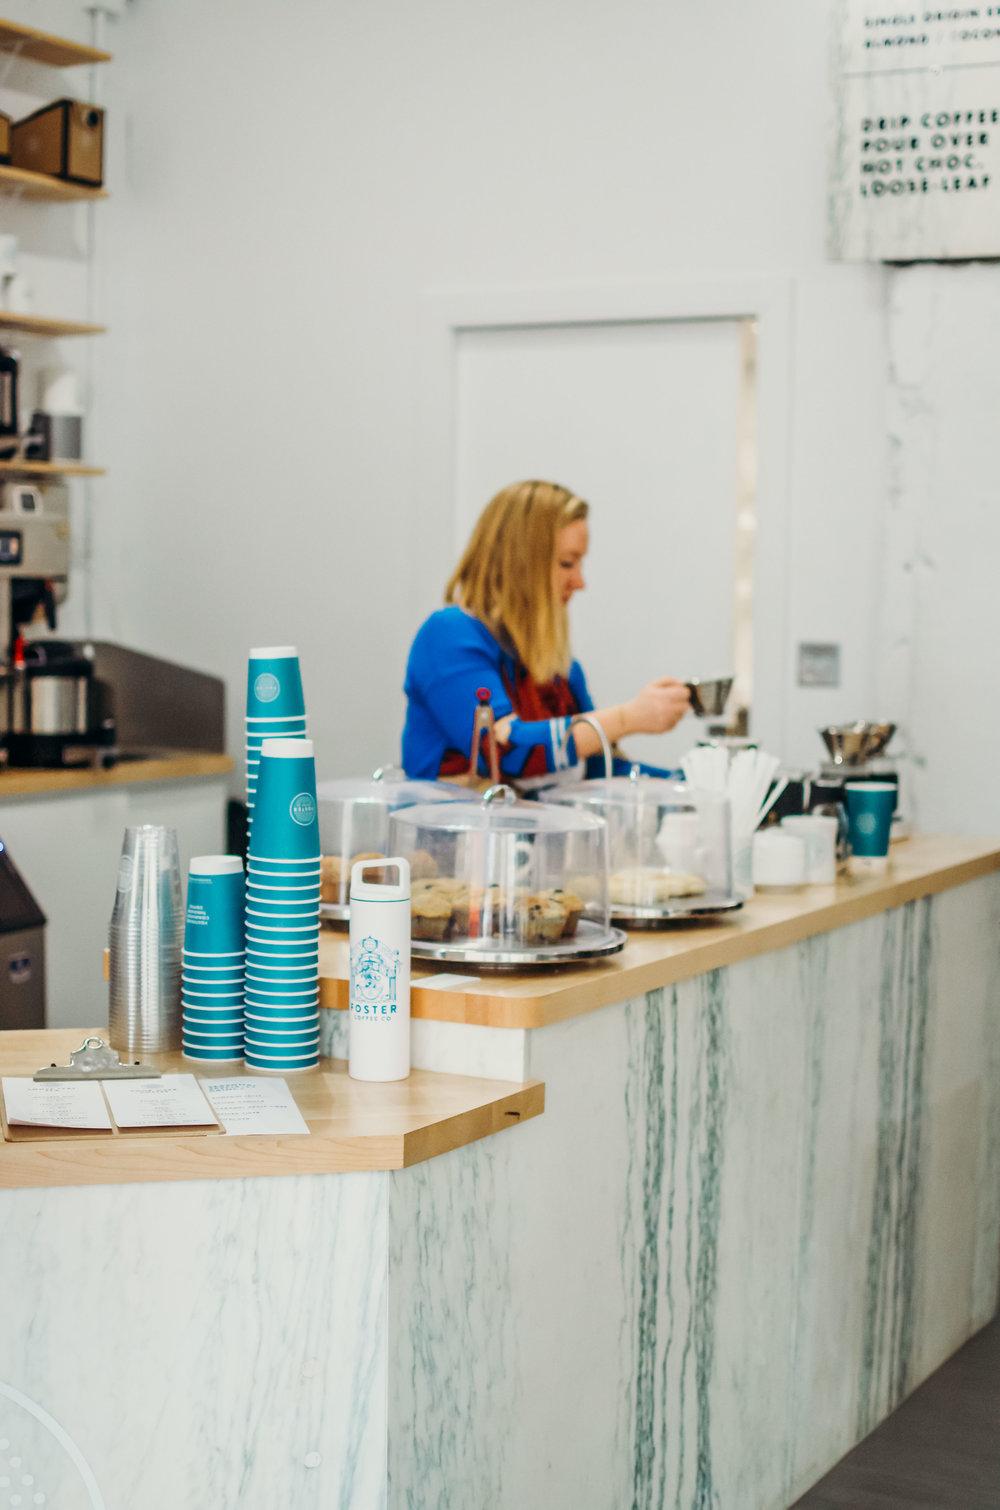 Wendling_Boyd_Foster_Flint_Fwrd_Coffee_Shop-8.jpg